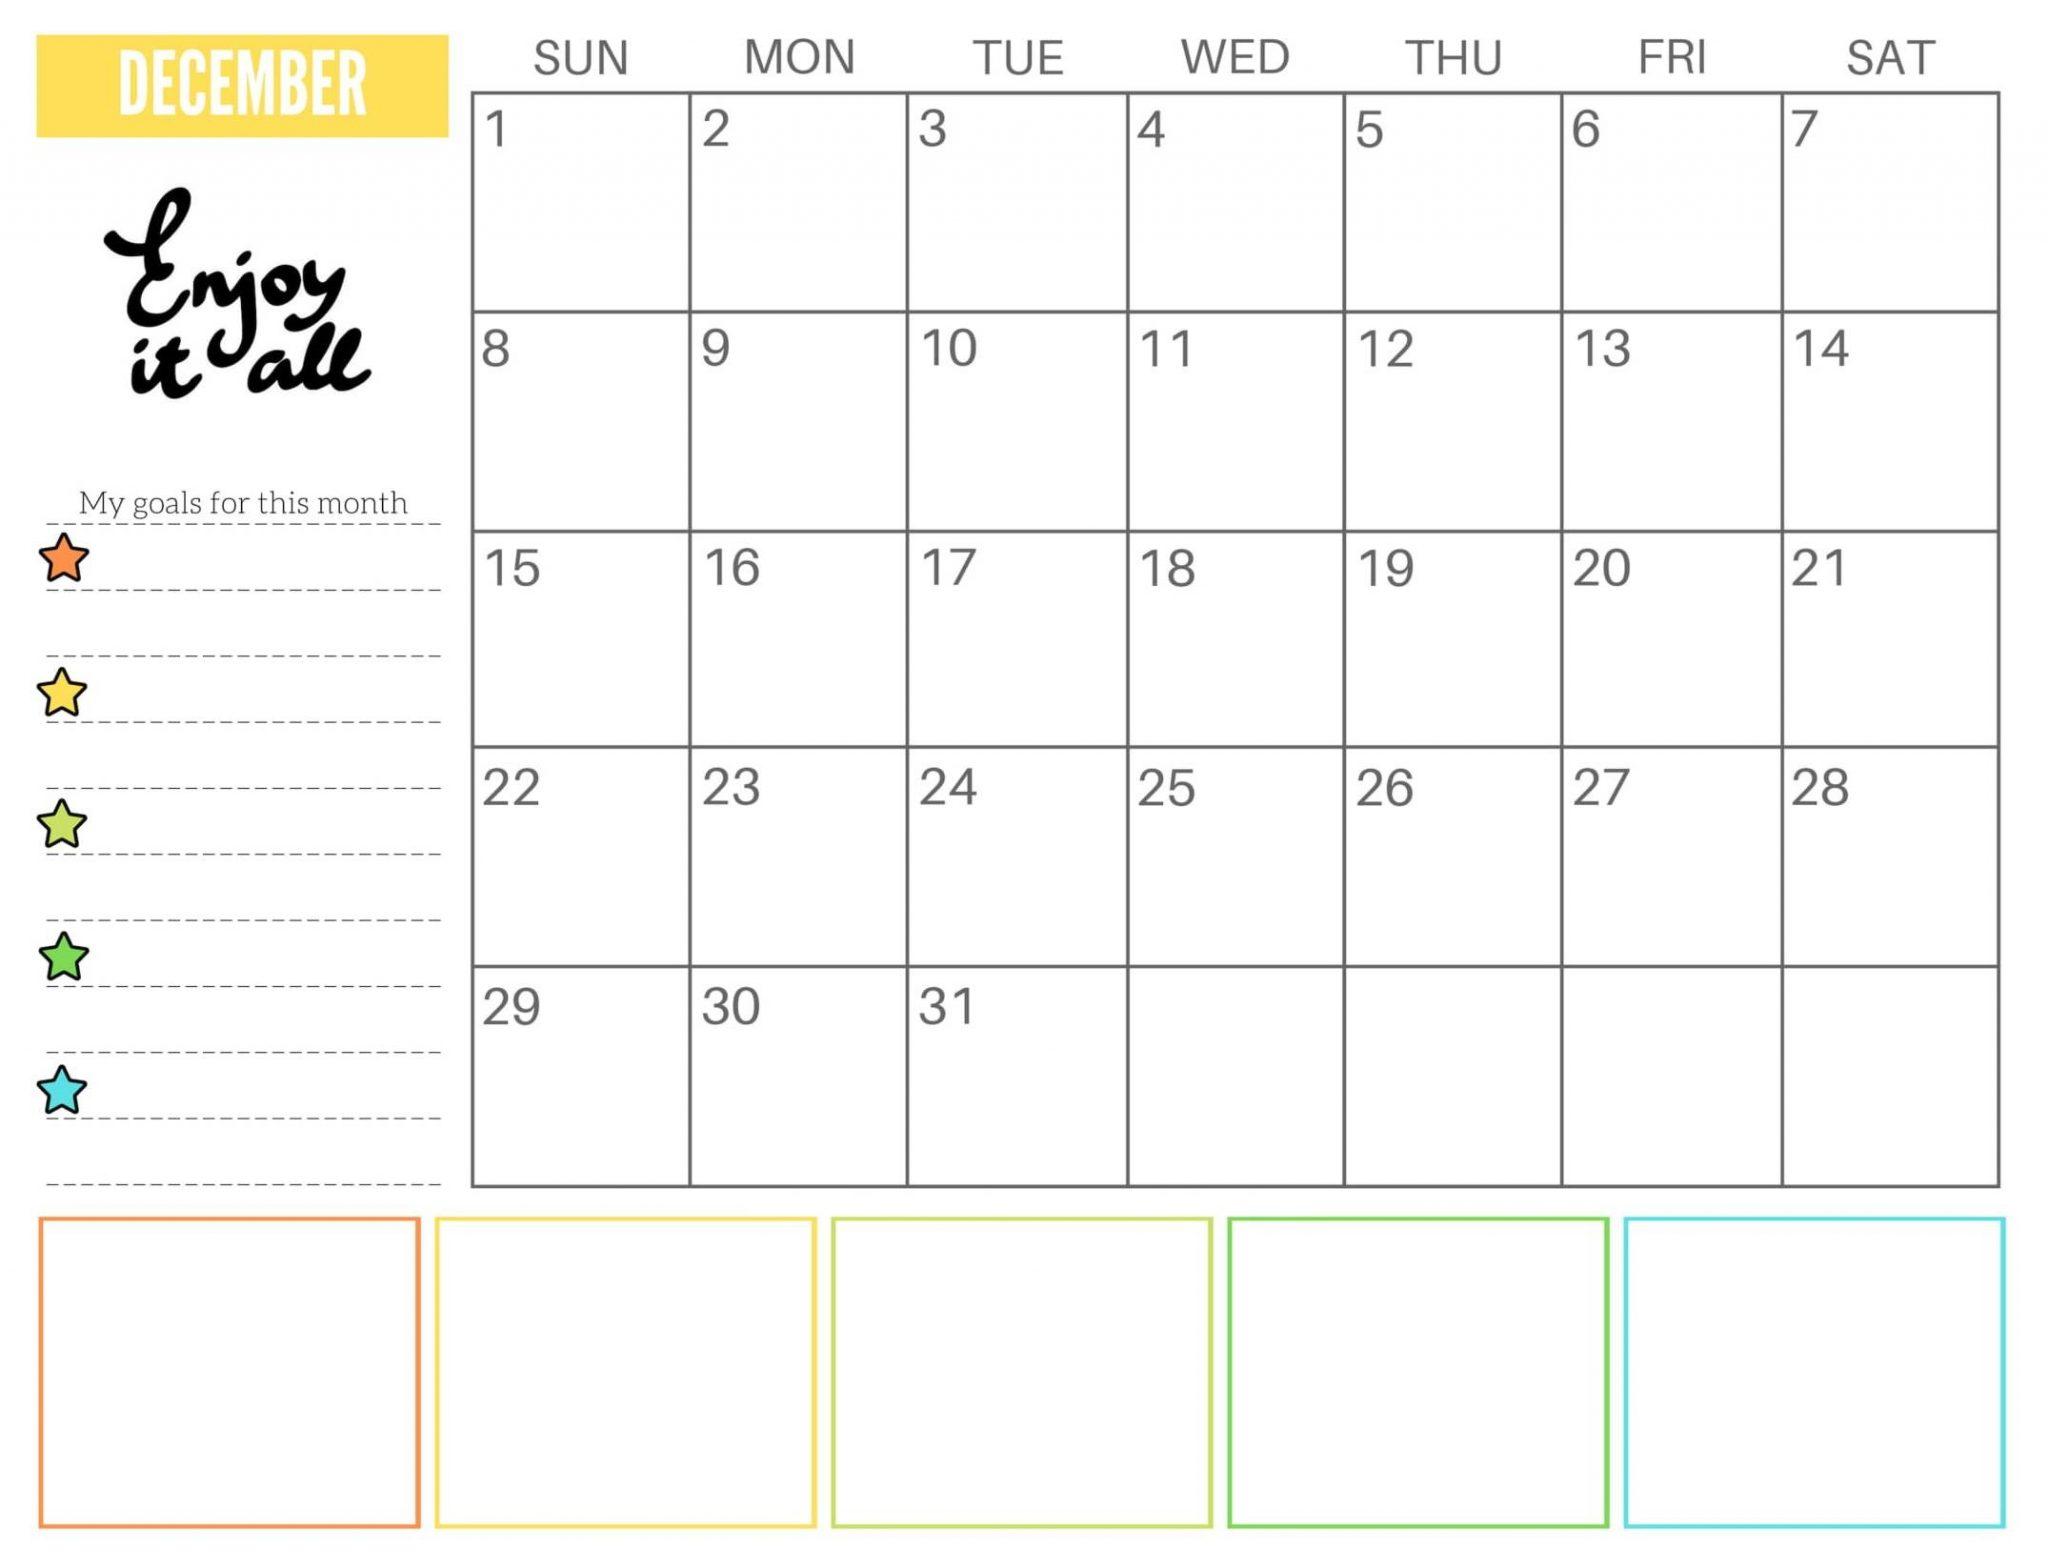 Calendar of December 2019